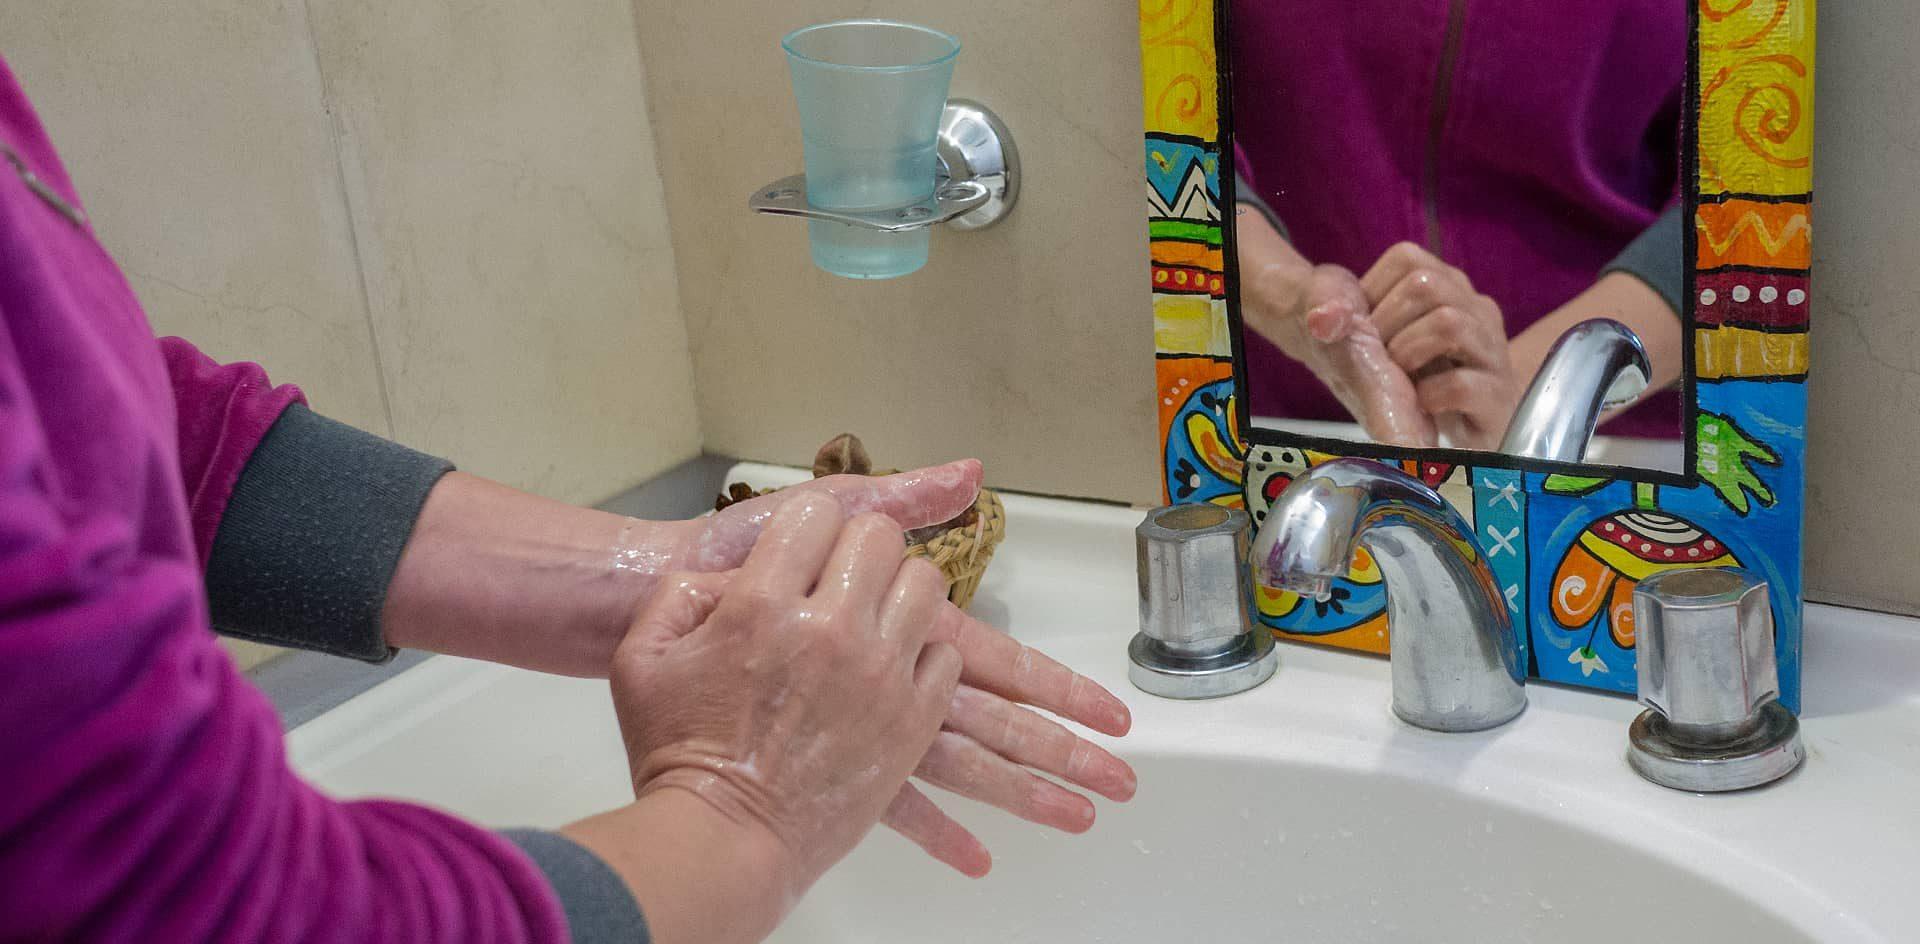 Lavarse las manos en forma consciente, durante 50 segundos, es lo más seguro.